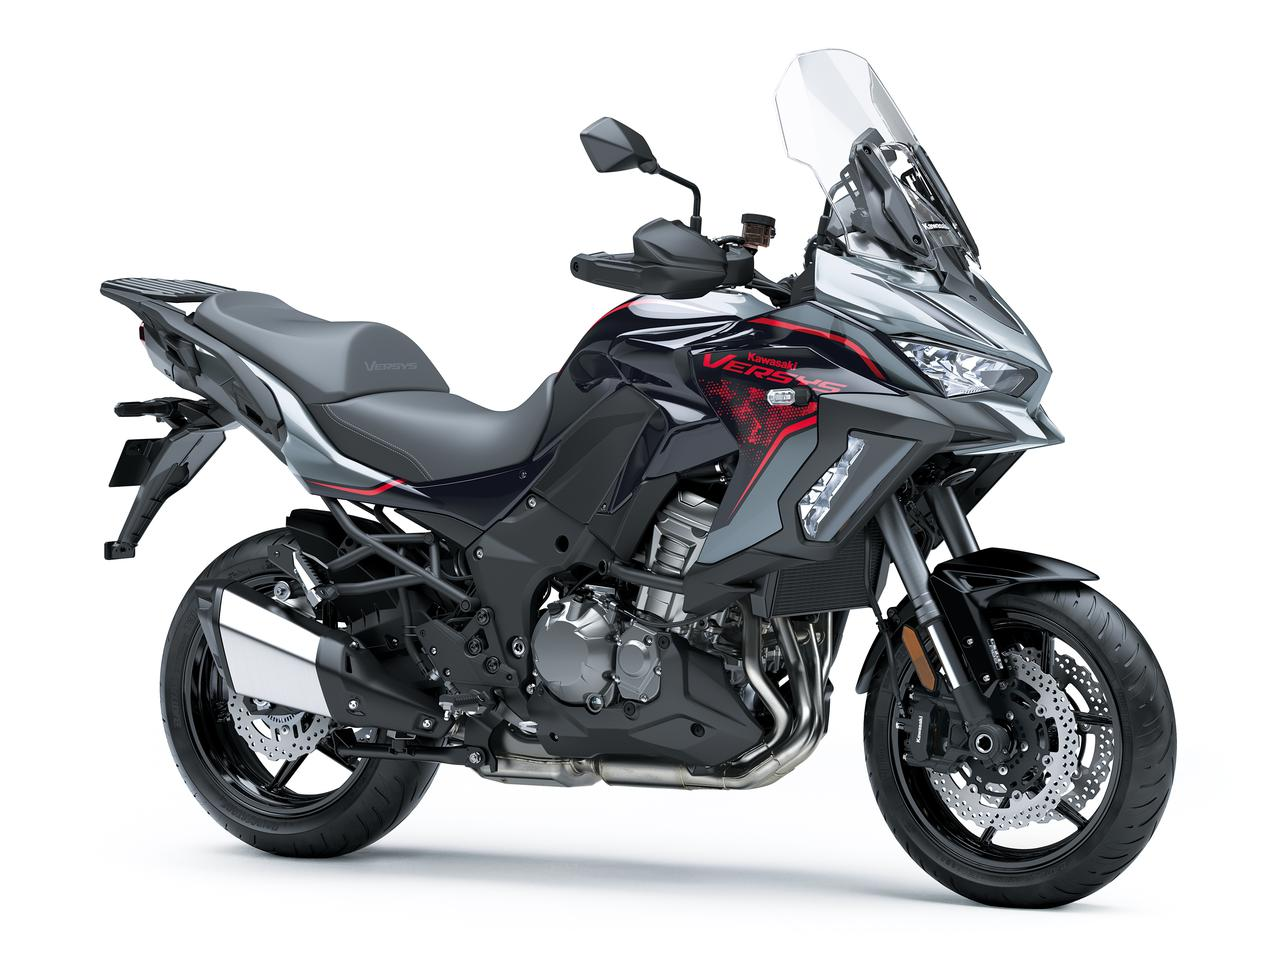 Images : 4番目の画像 - 写真をもっと見る! カワサキ「ヴェルシス1000SE」(2021年モデル・欧州仕様車) - LAWRENCE - Motorcycle x Cars + α = Your Life.